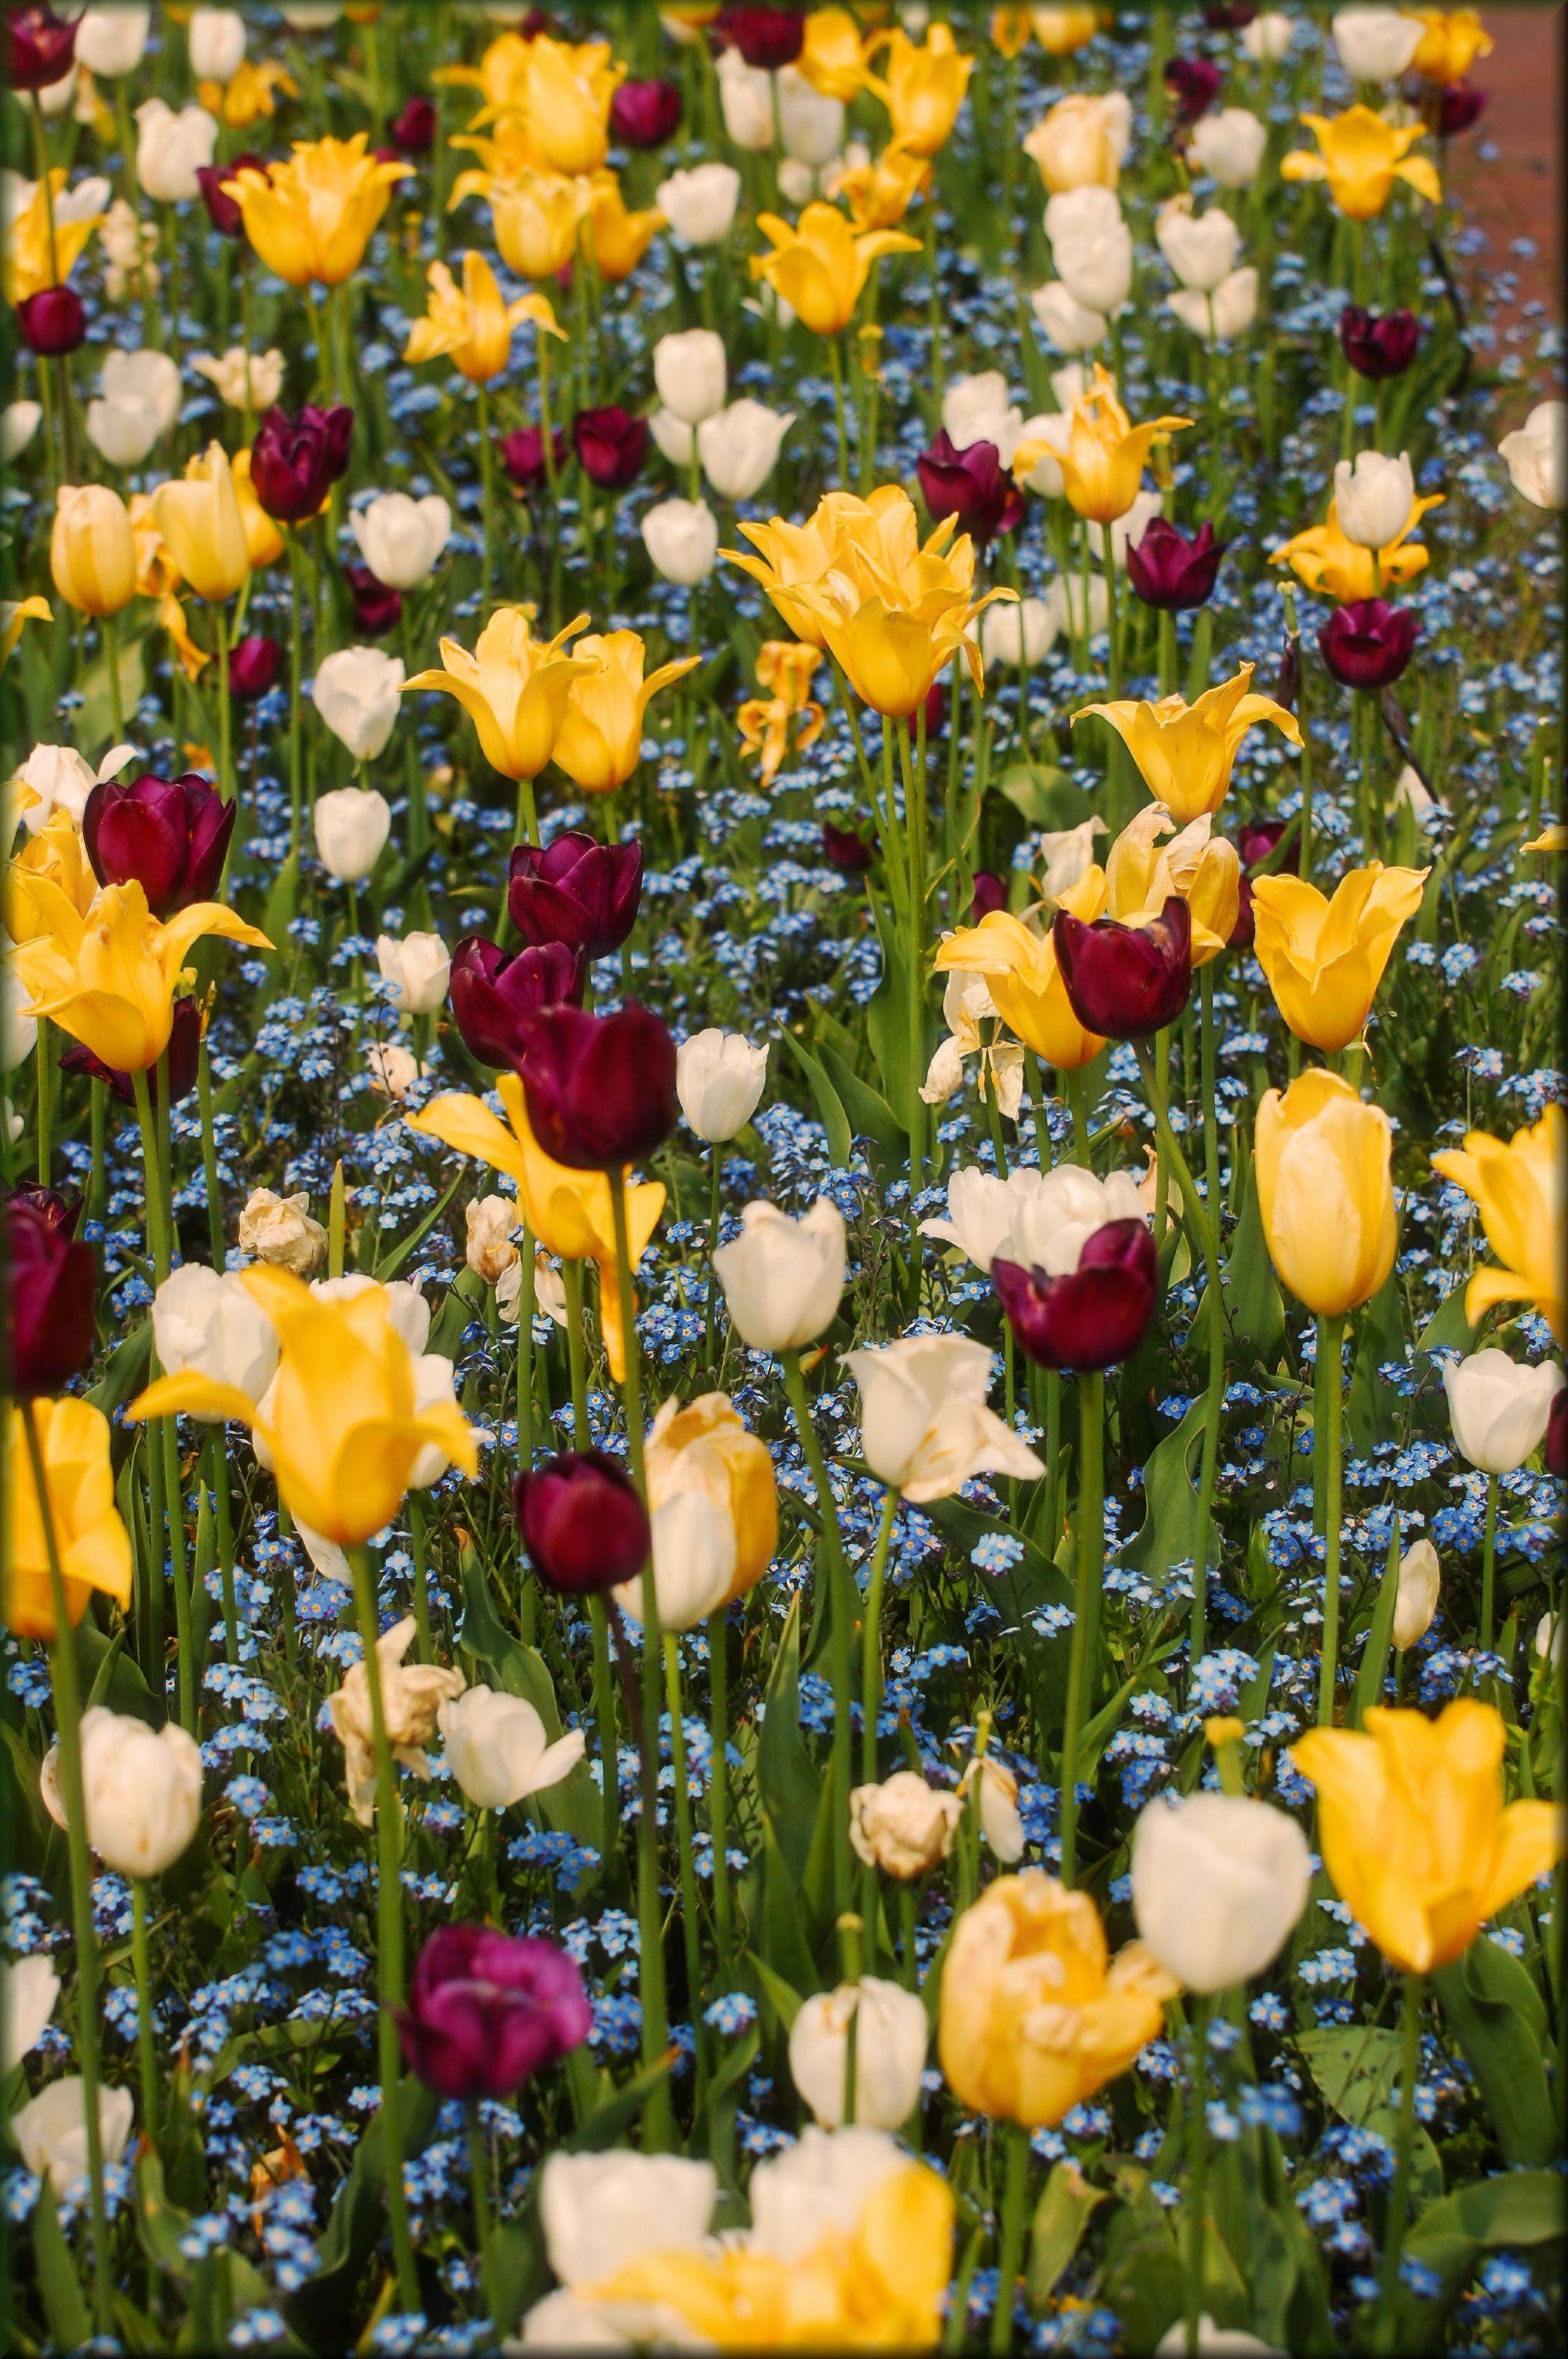 Lovely Tulips Tulips, Flowers, Lovely